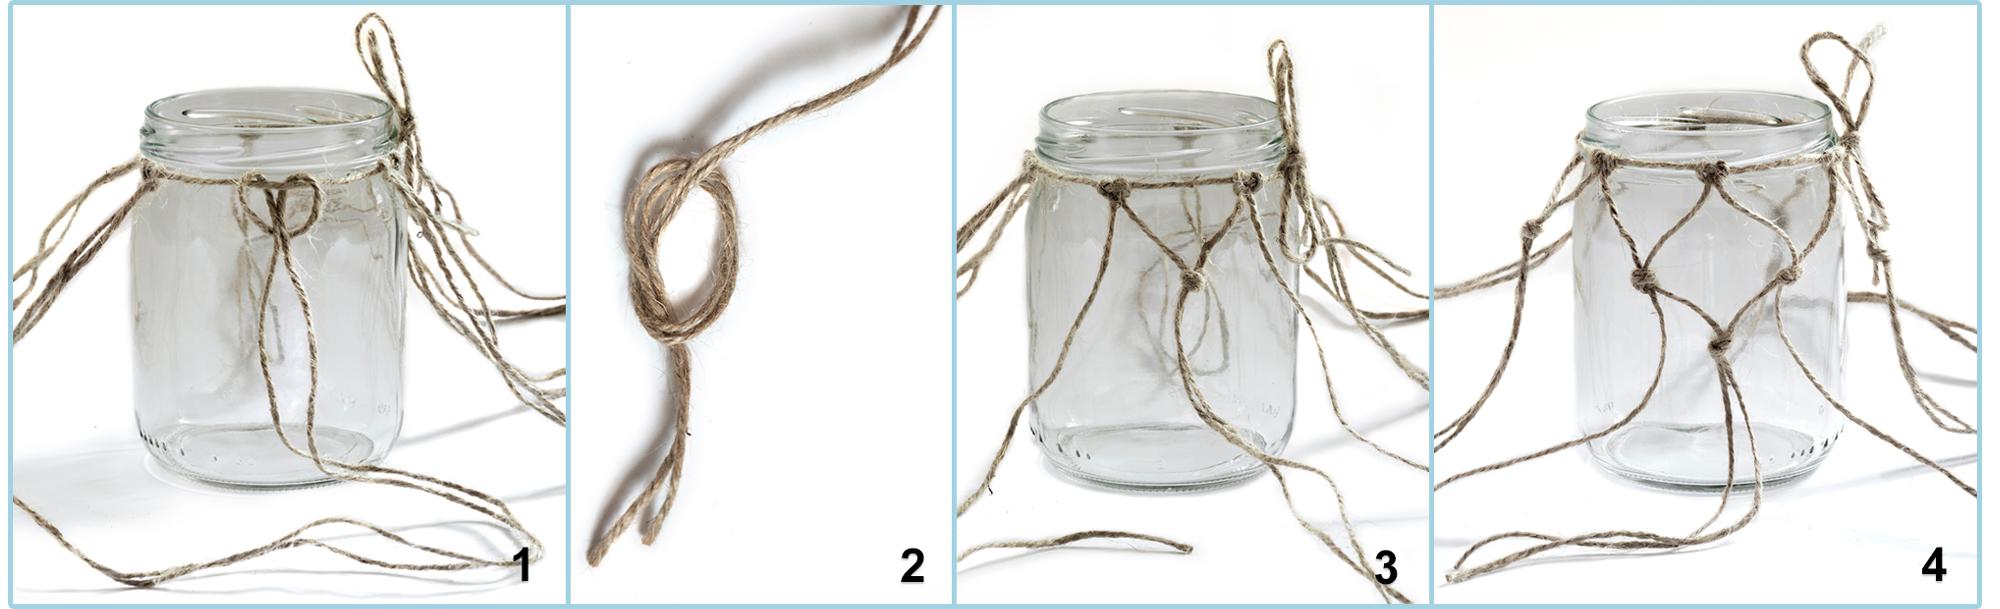 Pyssel-och-recept_200917_Lysande-pyssel_hangande-lykta_beskrivning_